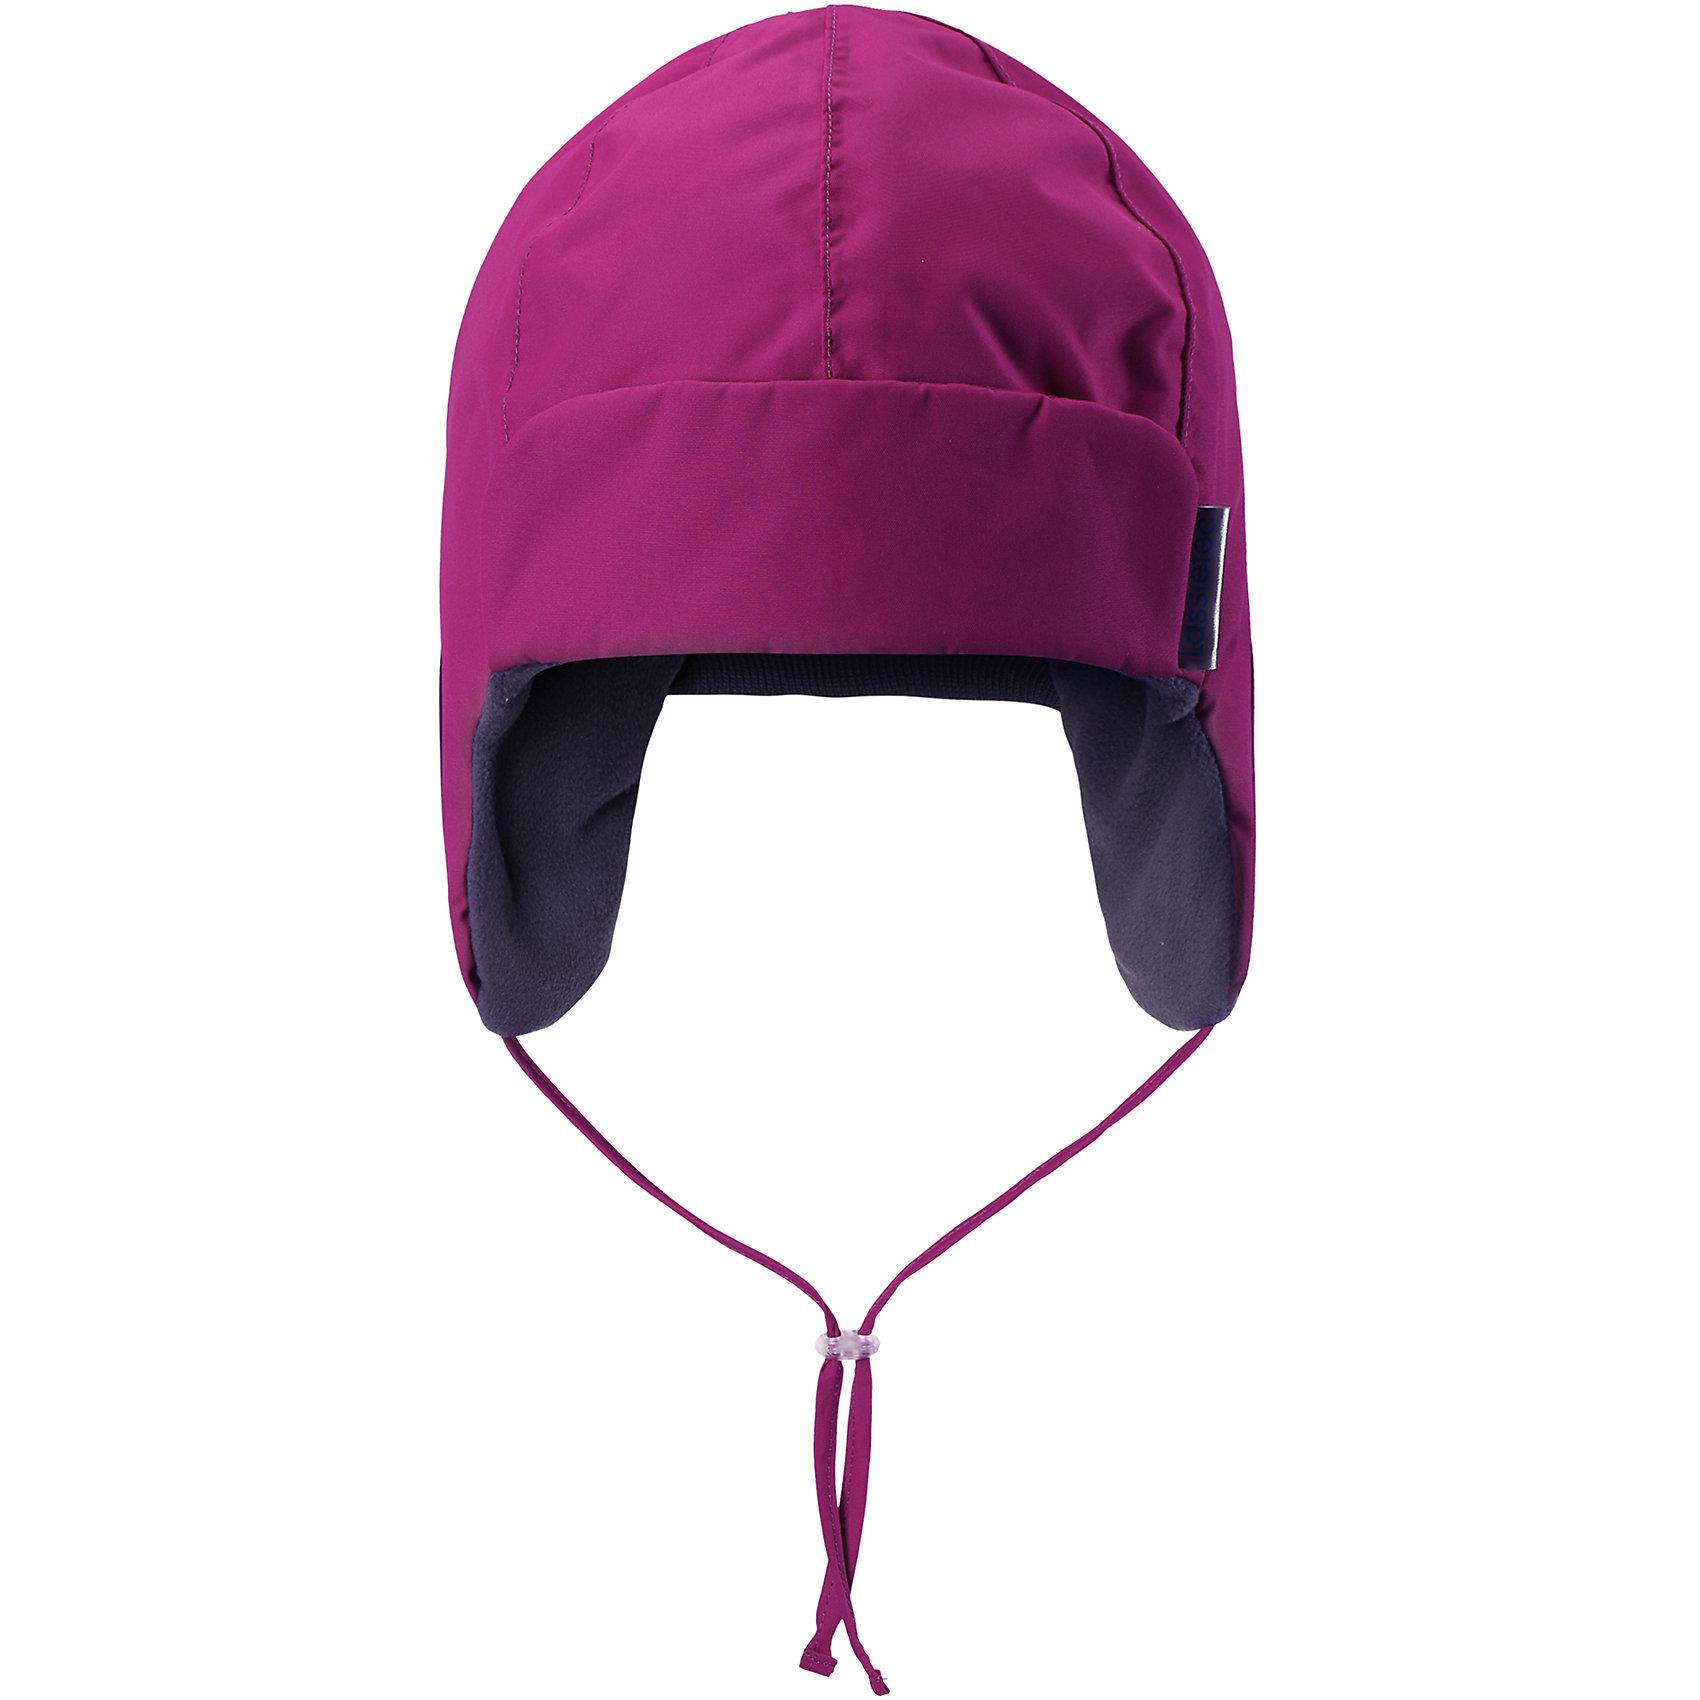 Шапка Lassietec LassieШапки и шарфы<br>Встречай зиму в этой теплой шапке для малышей! Мягкая флисовая подкладка очень приятна на ощупь, а благодаря водонепроницаемому, ветронепроницаемому и дышащему материалу шапка абсолютно непромокаемая. Светоотражающая эмблема Lassie® спереди.<br>Состав:<br>100% Полиэстер<br><br>Ширина мм: 89<br>Глубина мм: 117<br>Высота мм: 44<br>Вес г: 155<br>Цвет: розовый<br>Возраст от месяцев: 36<br>Возраст до месяцев: 48<br>Пол: Унисекс<br>Возраст: Детский<br>Размер: 50,54,52,48,46<br>SKU: 6927239